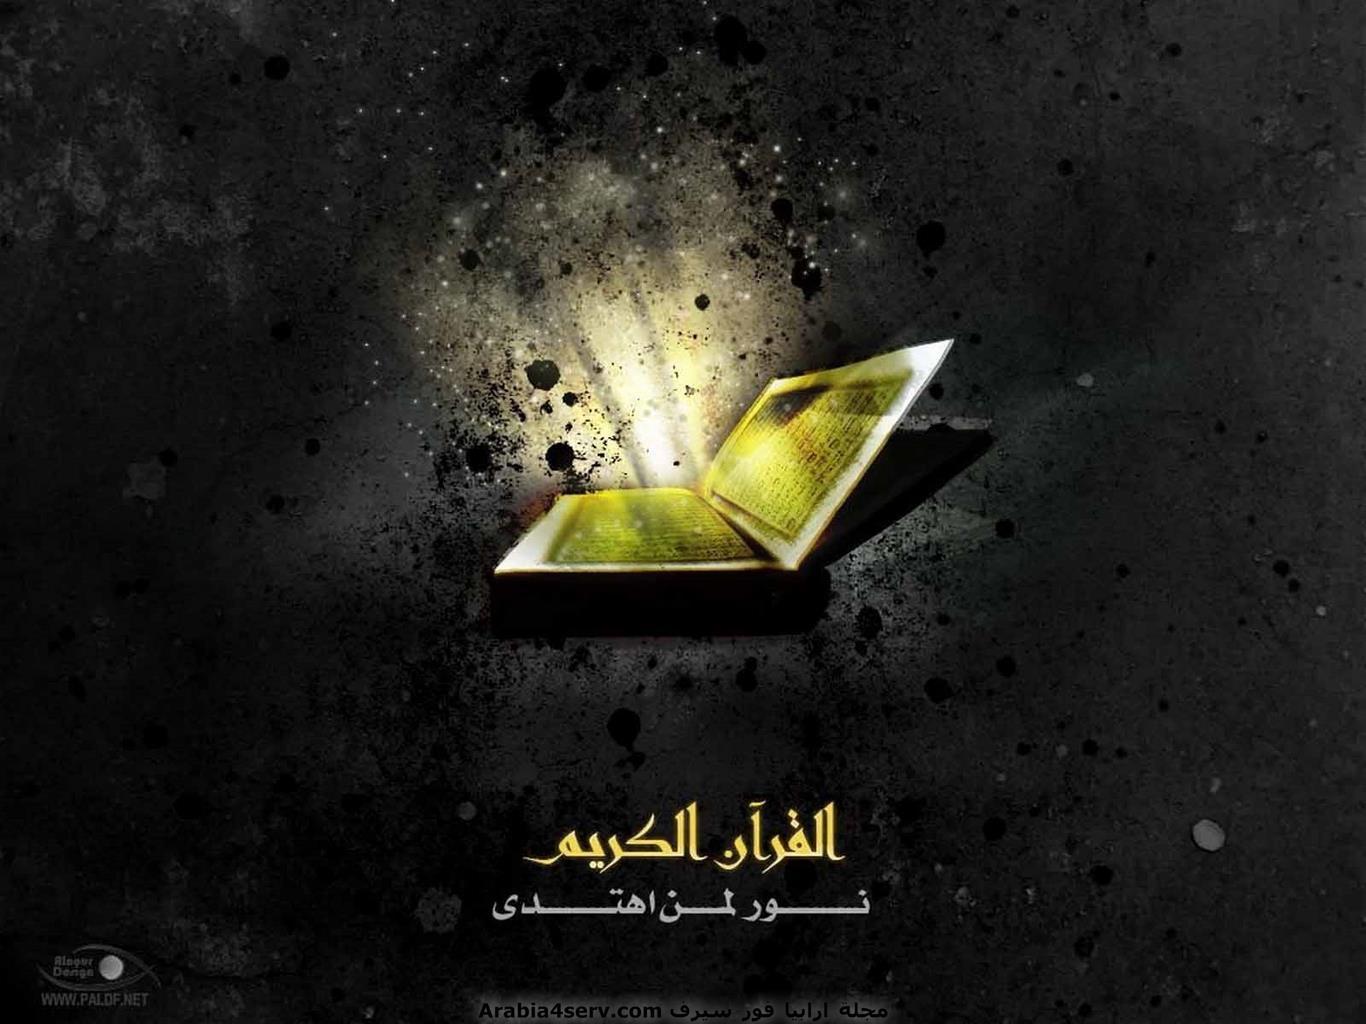 خلفيات-اسلامية-للكمبيوتر-و-اللاب-توب-روعة-1